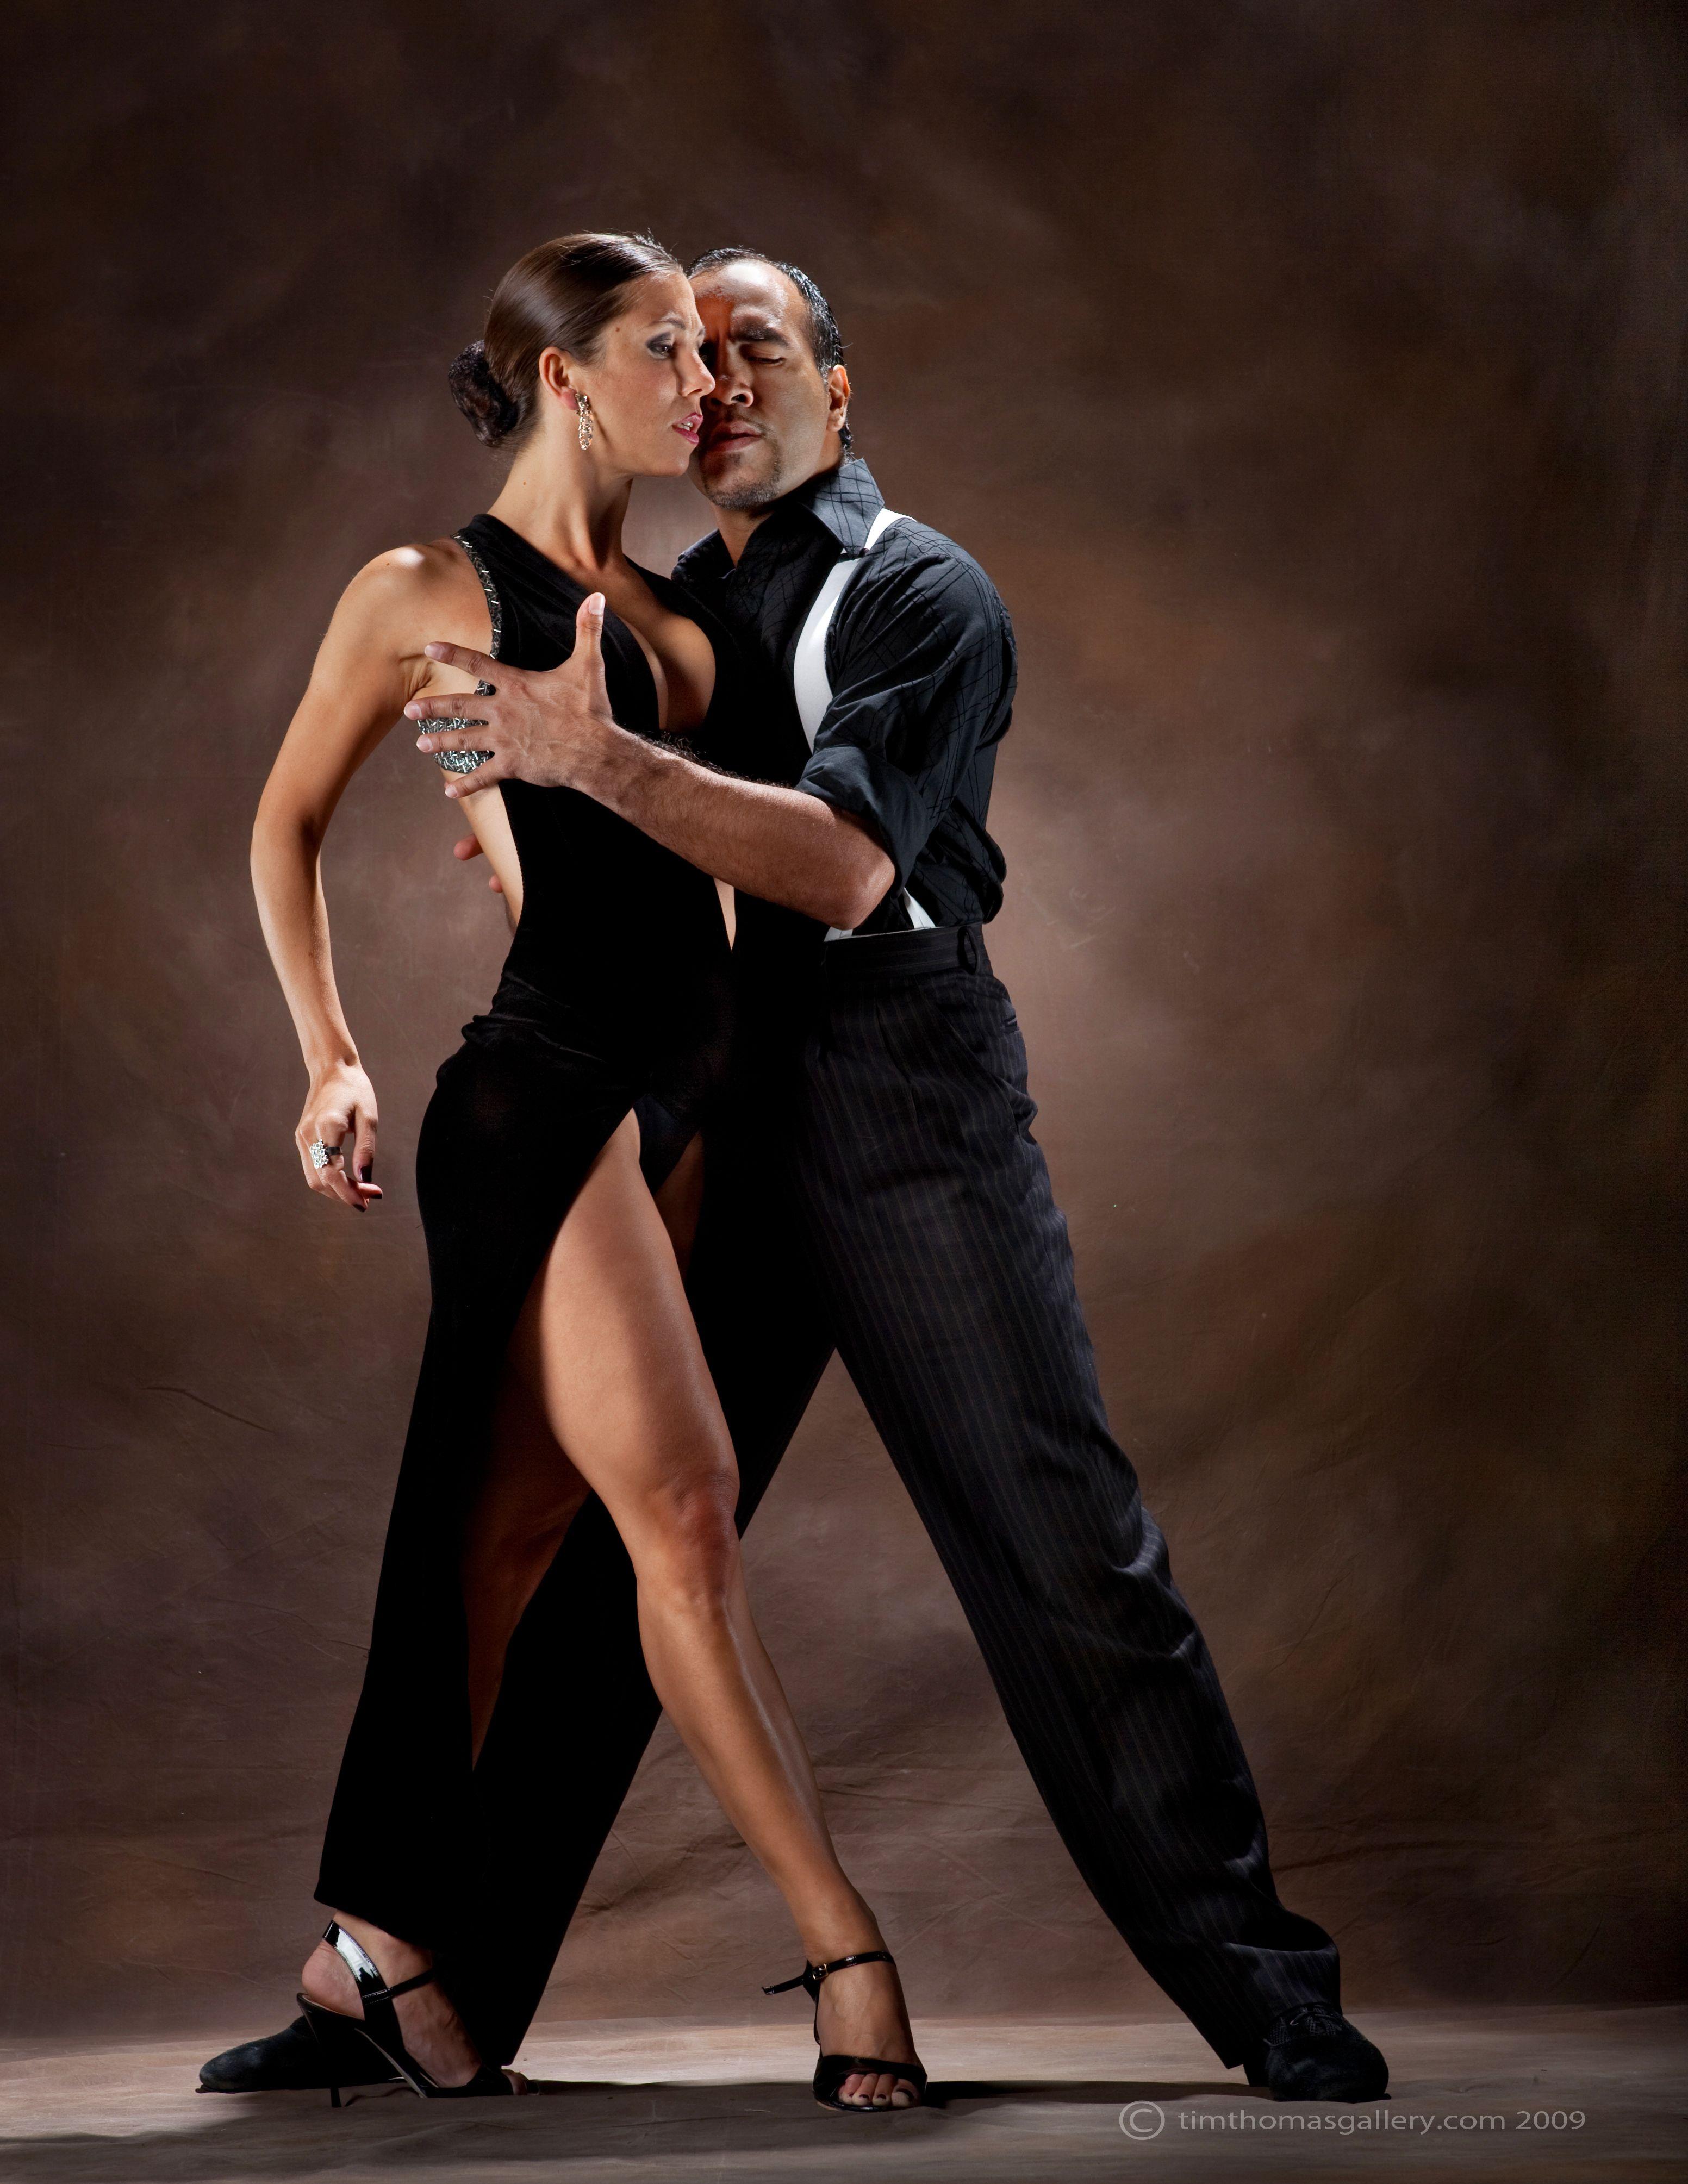 Картинка о танго